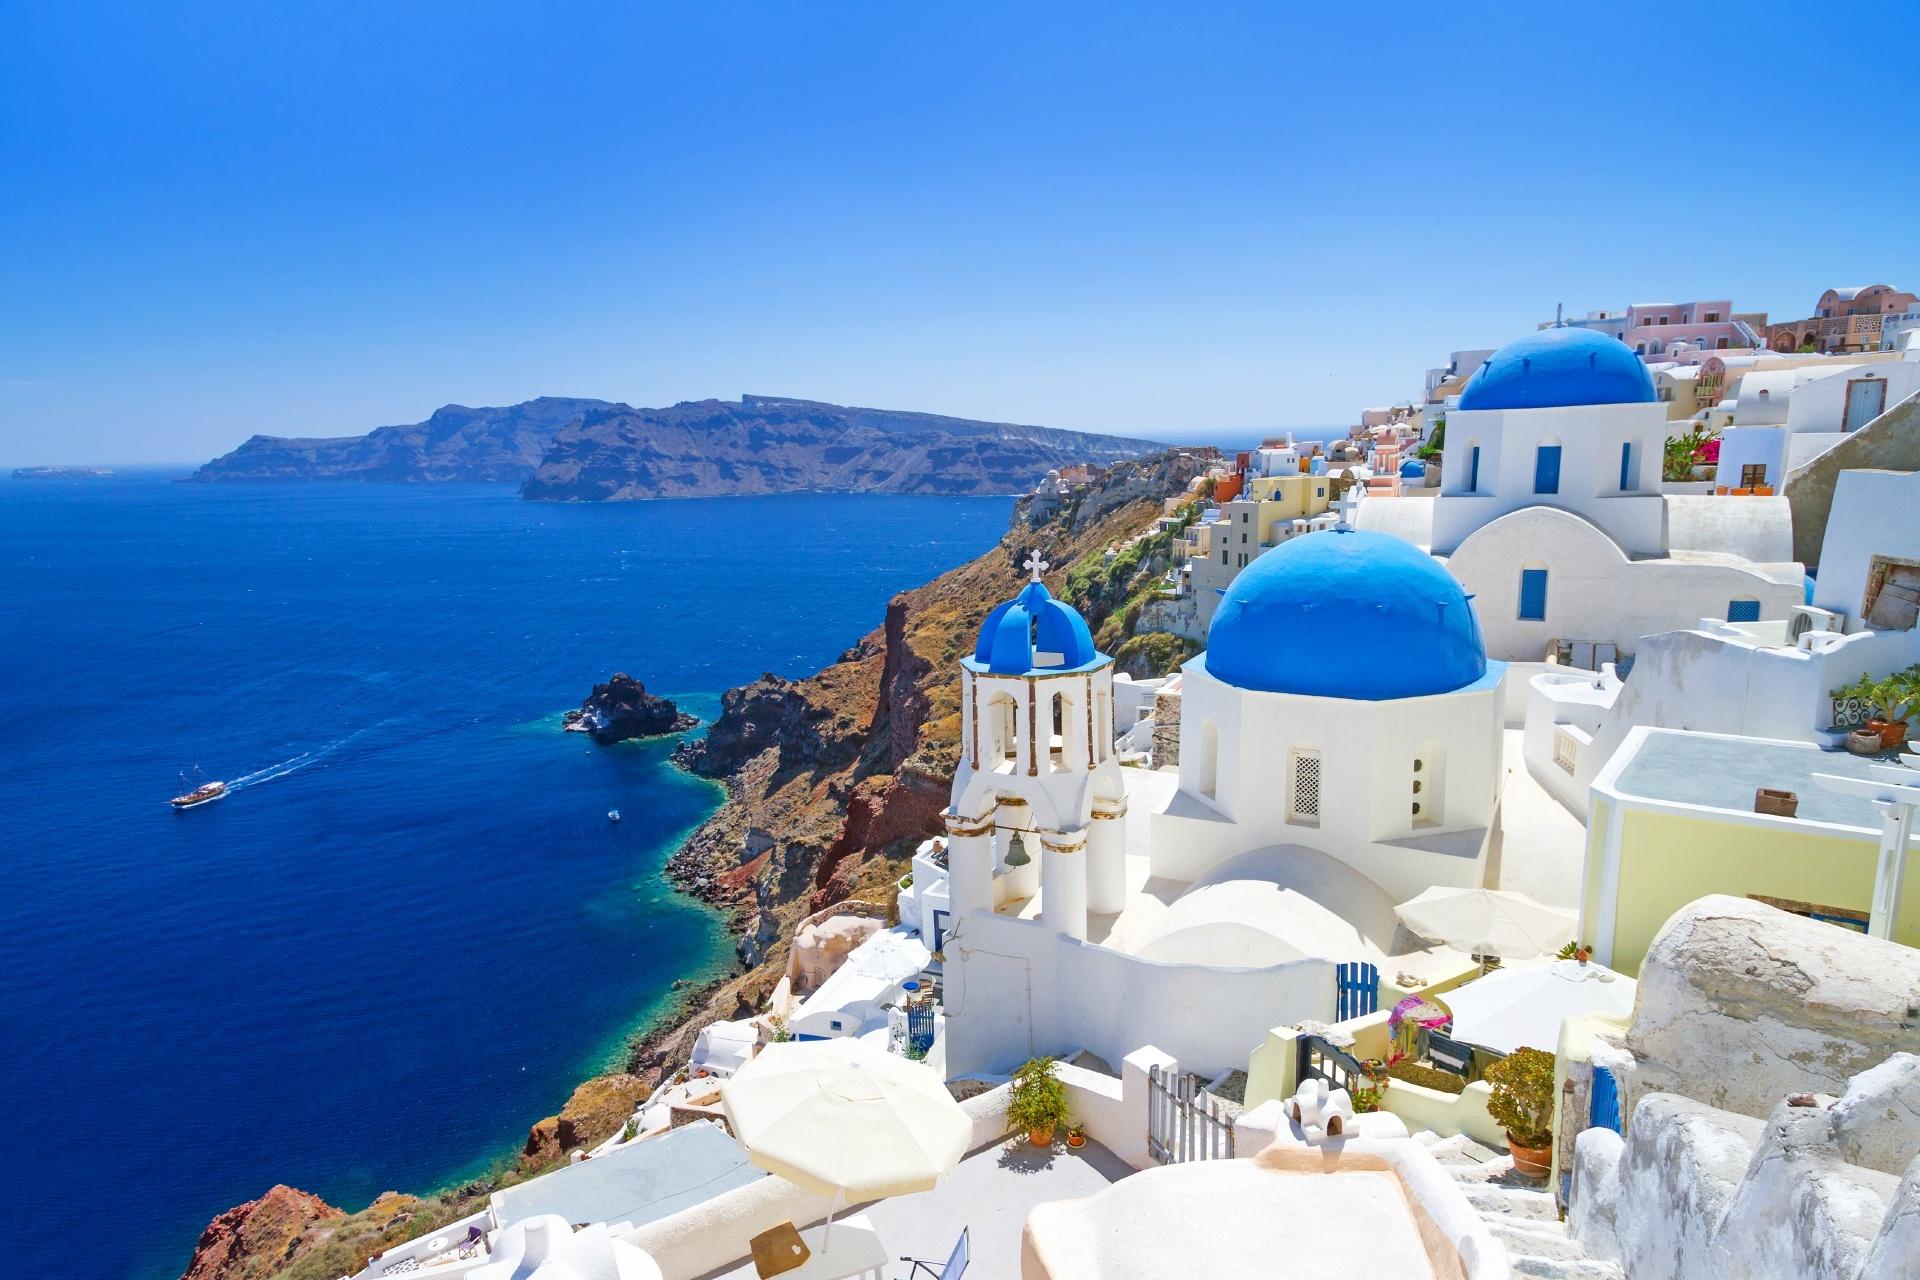 サントリーニ島 ギリシャの風景